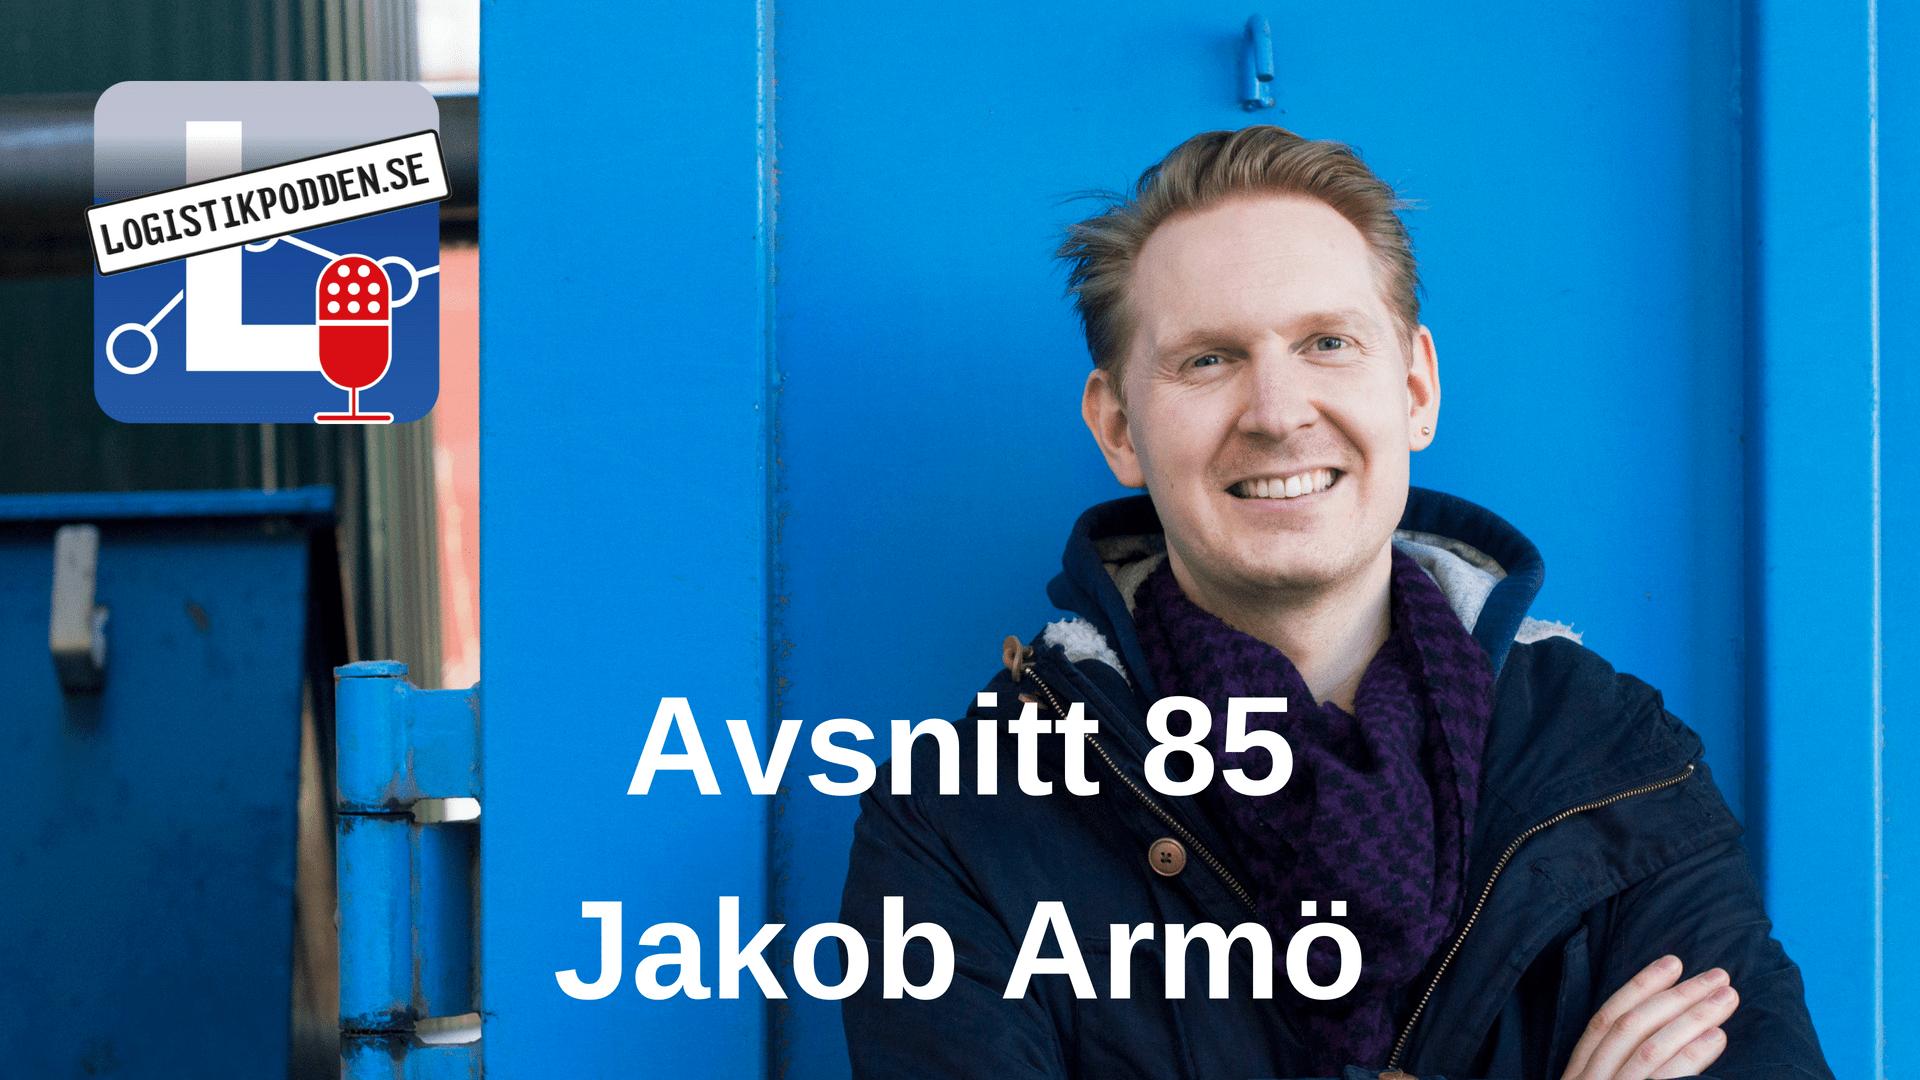 16_9 Avsnitt 85 Jakob Armö